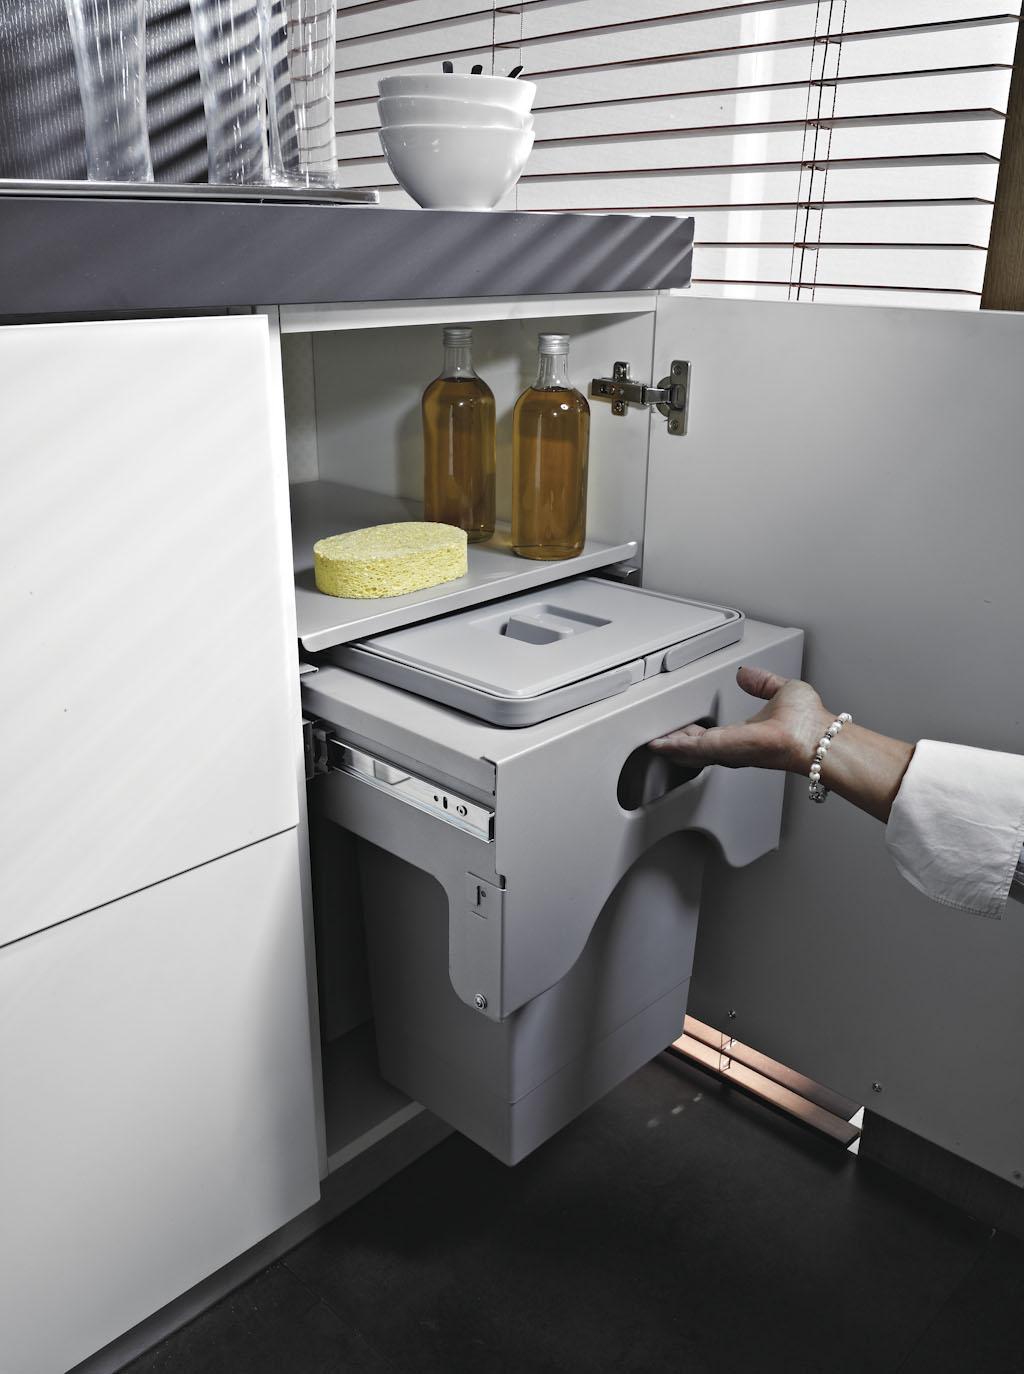 Pattumiera Estraibile Cabinet Per Base Cucina Modulo 50cm Ecologica Secchi 1x50l Planet Cucina